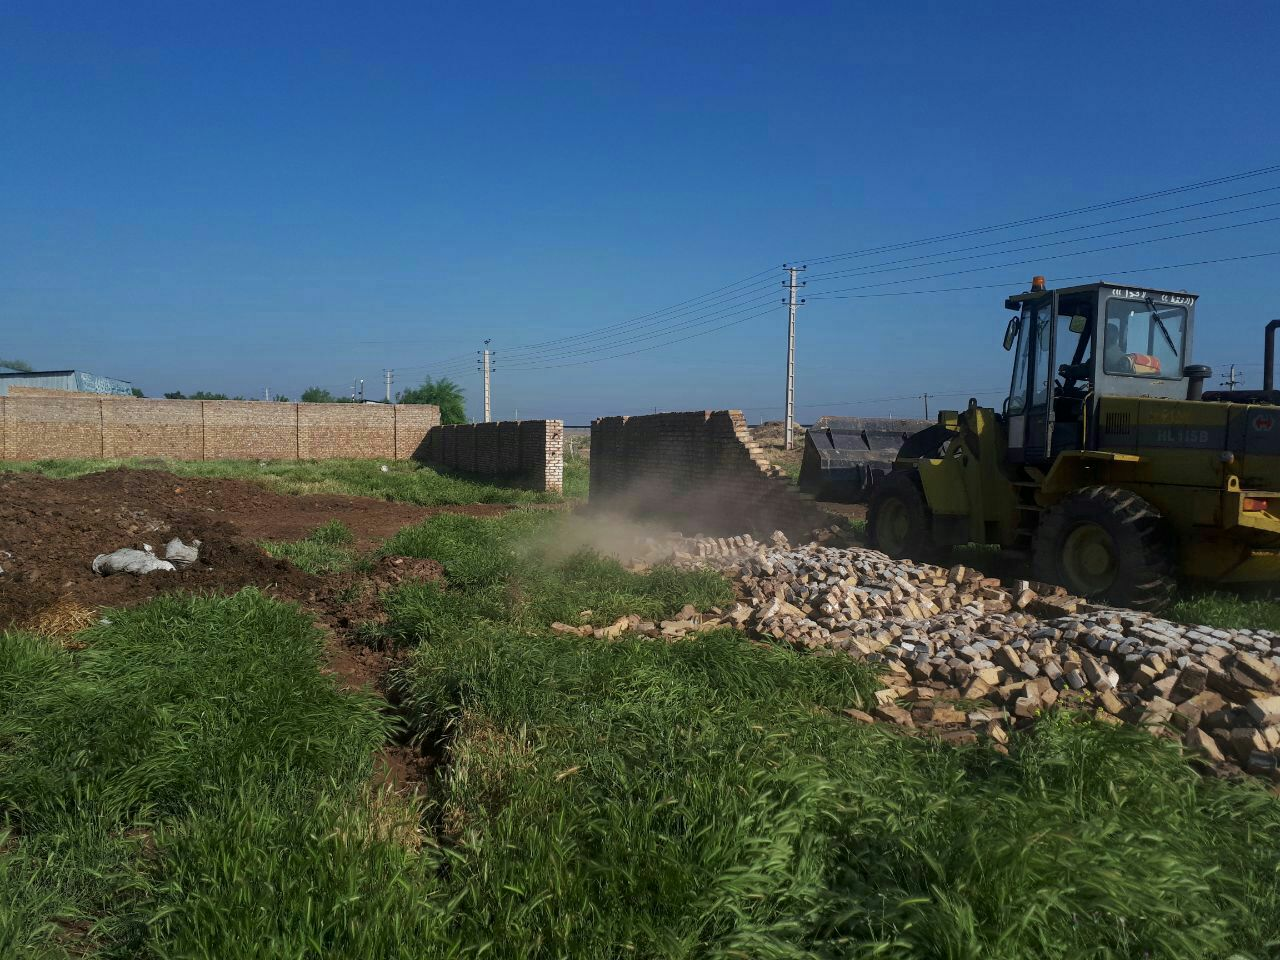 ۱۱ بنای غیر مجاز در اراضی کشاورزی بوئین زهرا تخریب شد